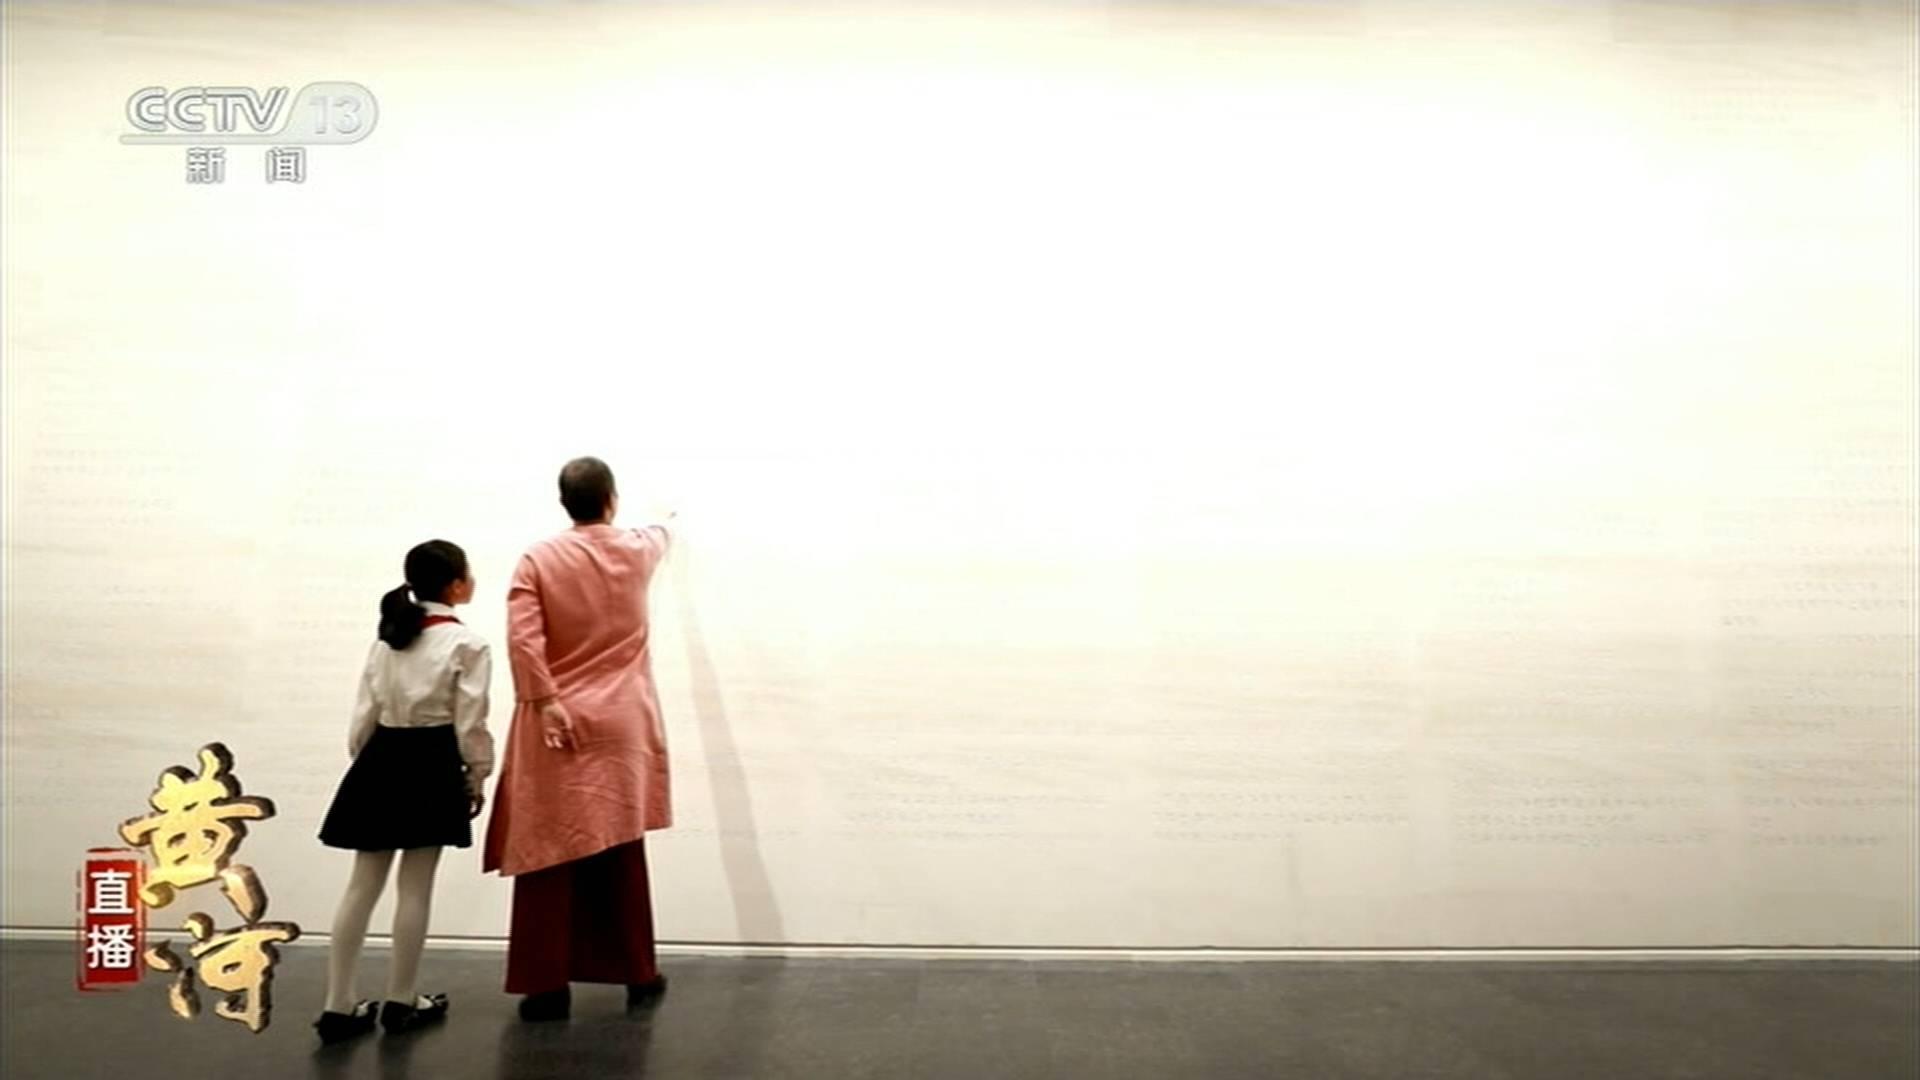 九曲黄河 水润齐鲁丨中国孔子研究院院长杨朝明:让儒家思想流淌进寻常百姓家